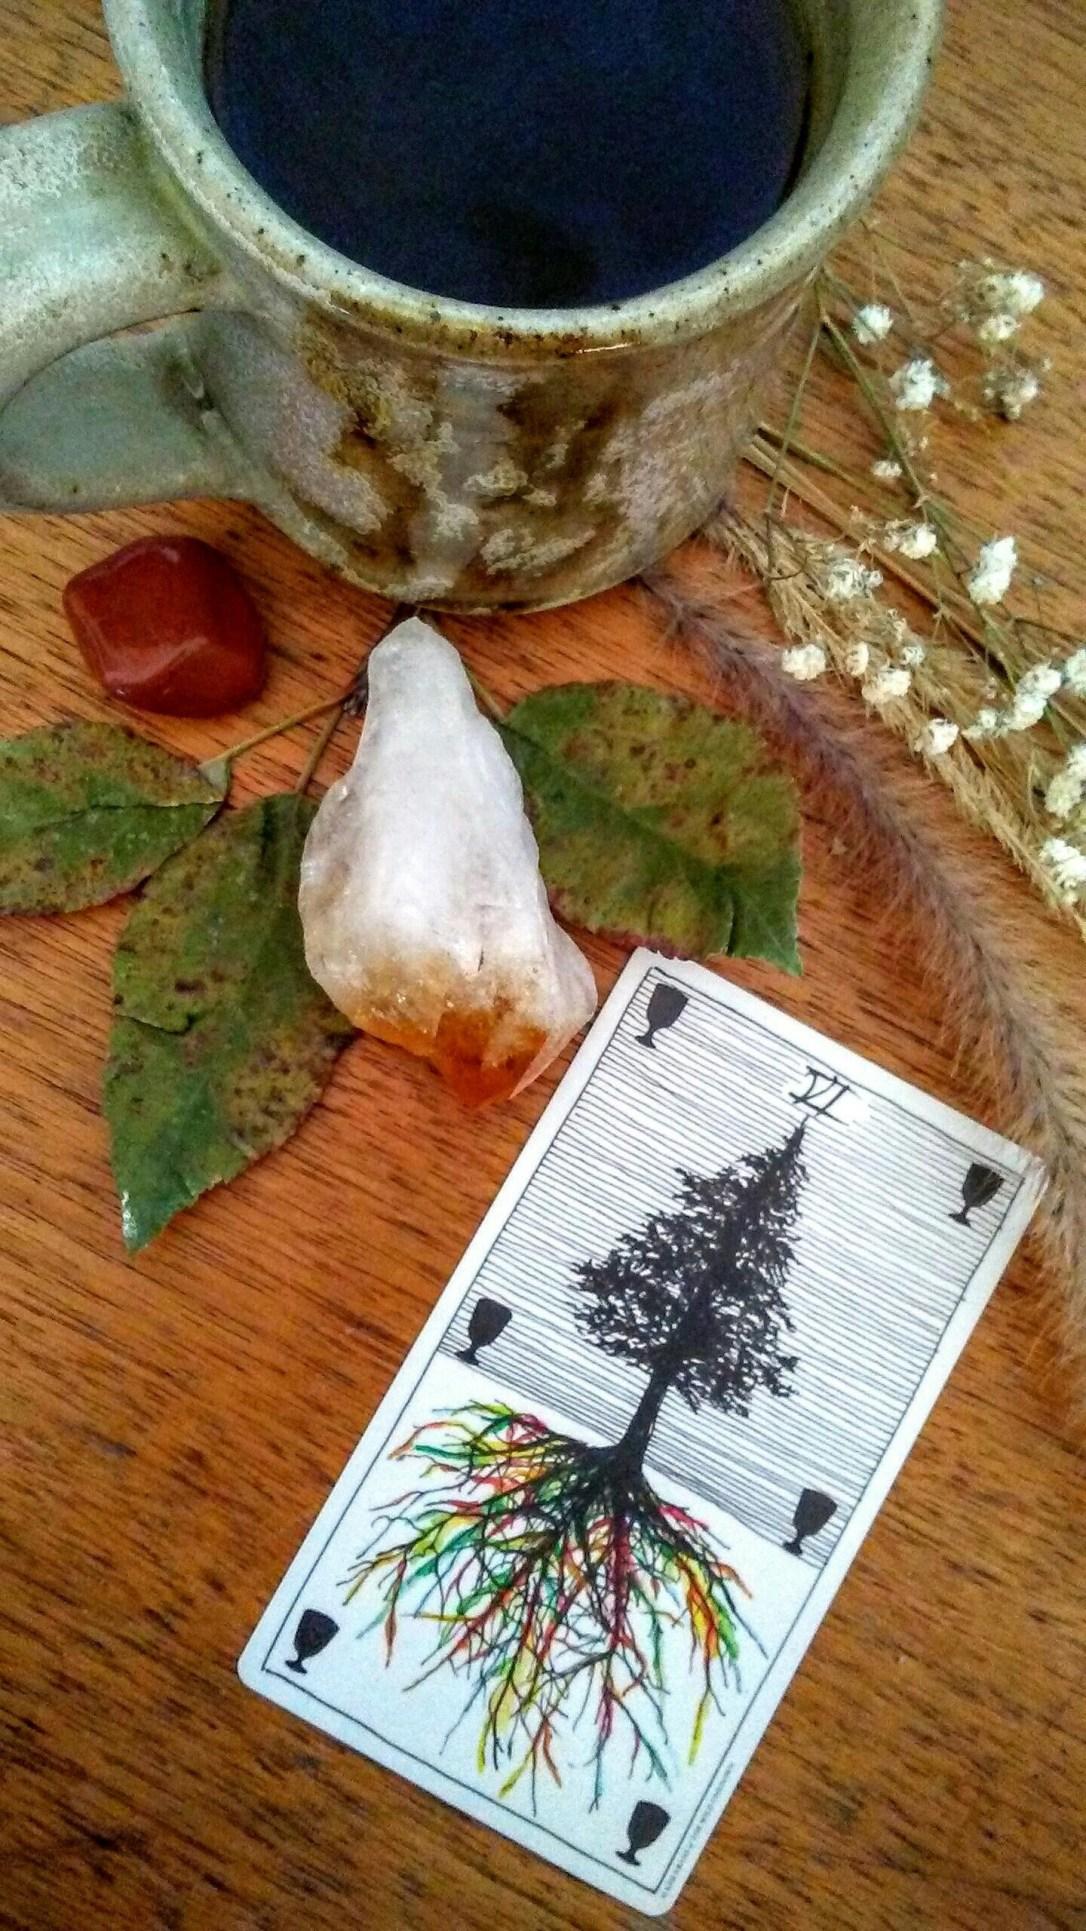 Tarot card on altar with crystal, stone, herbs, tea